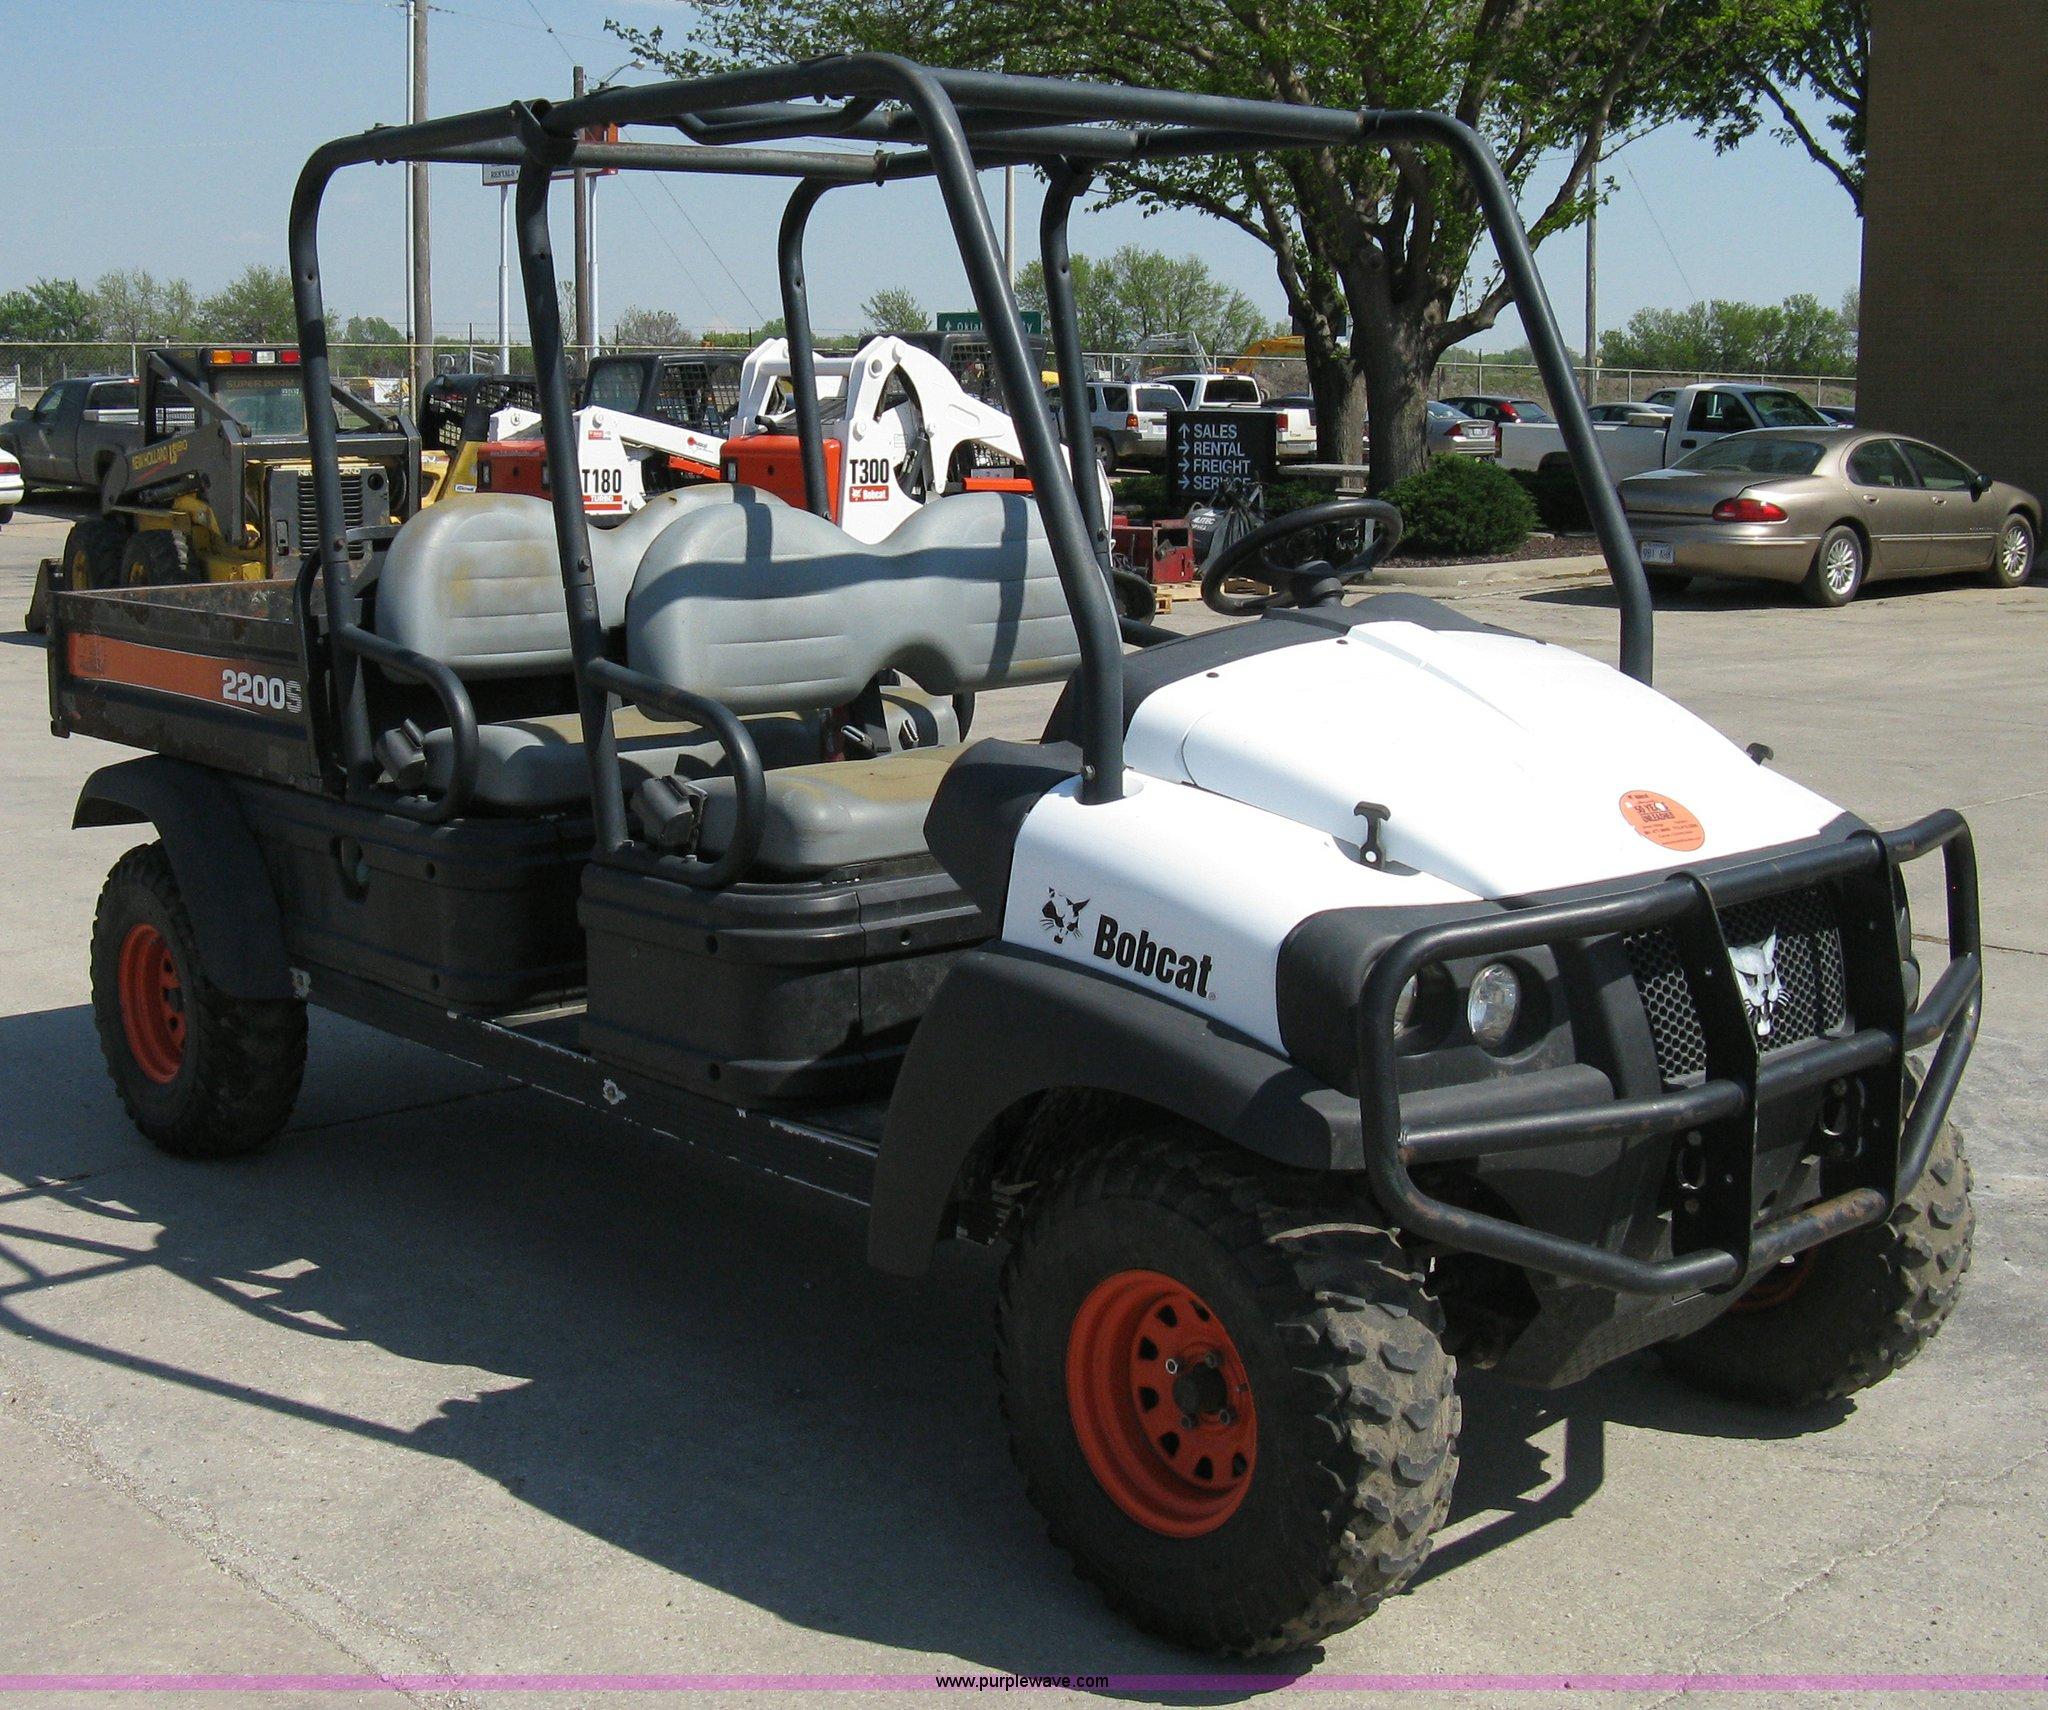 2006 Bobcat 2200S utility vehicle Item 8202